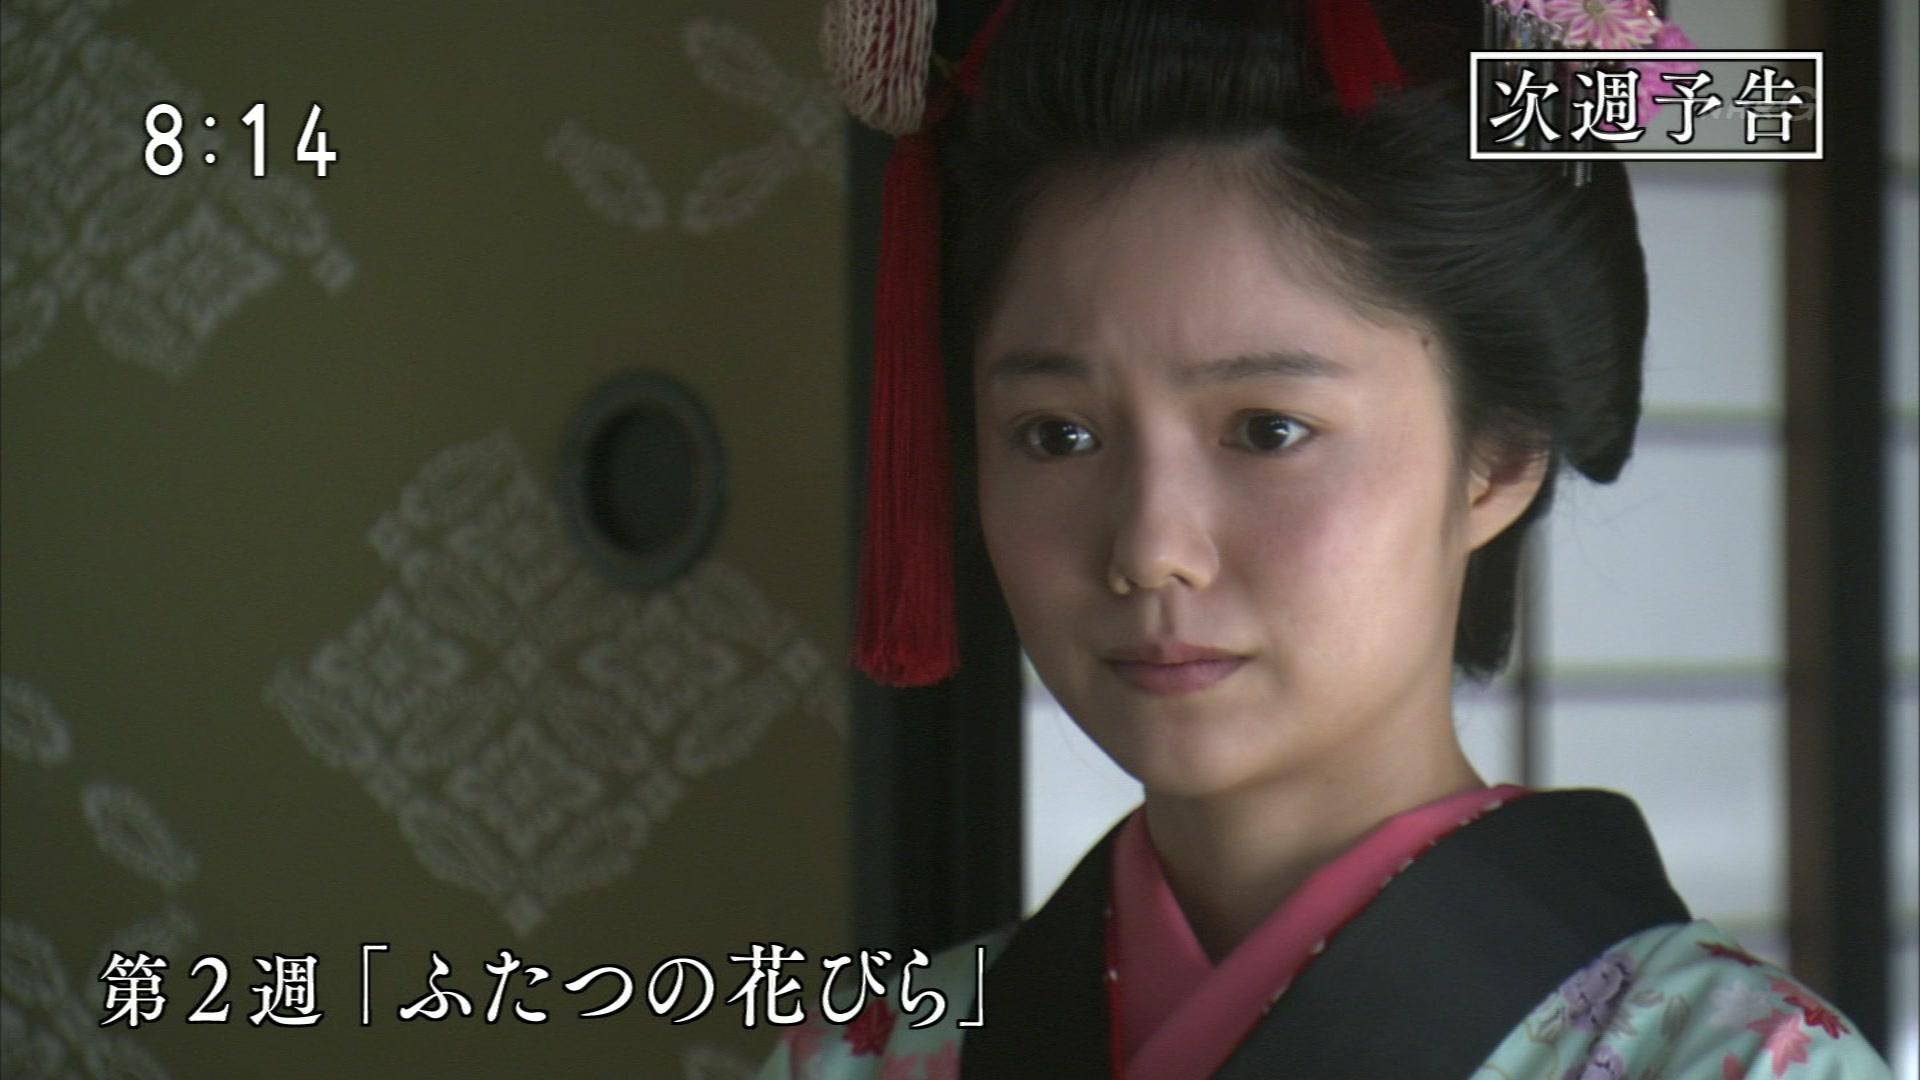 2015-10-03 08:00 連続テレビ小説 あさが来た(6)「小さな許嫁(いいなずけ)」 2670